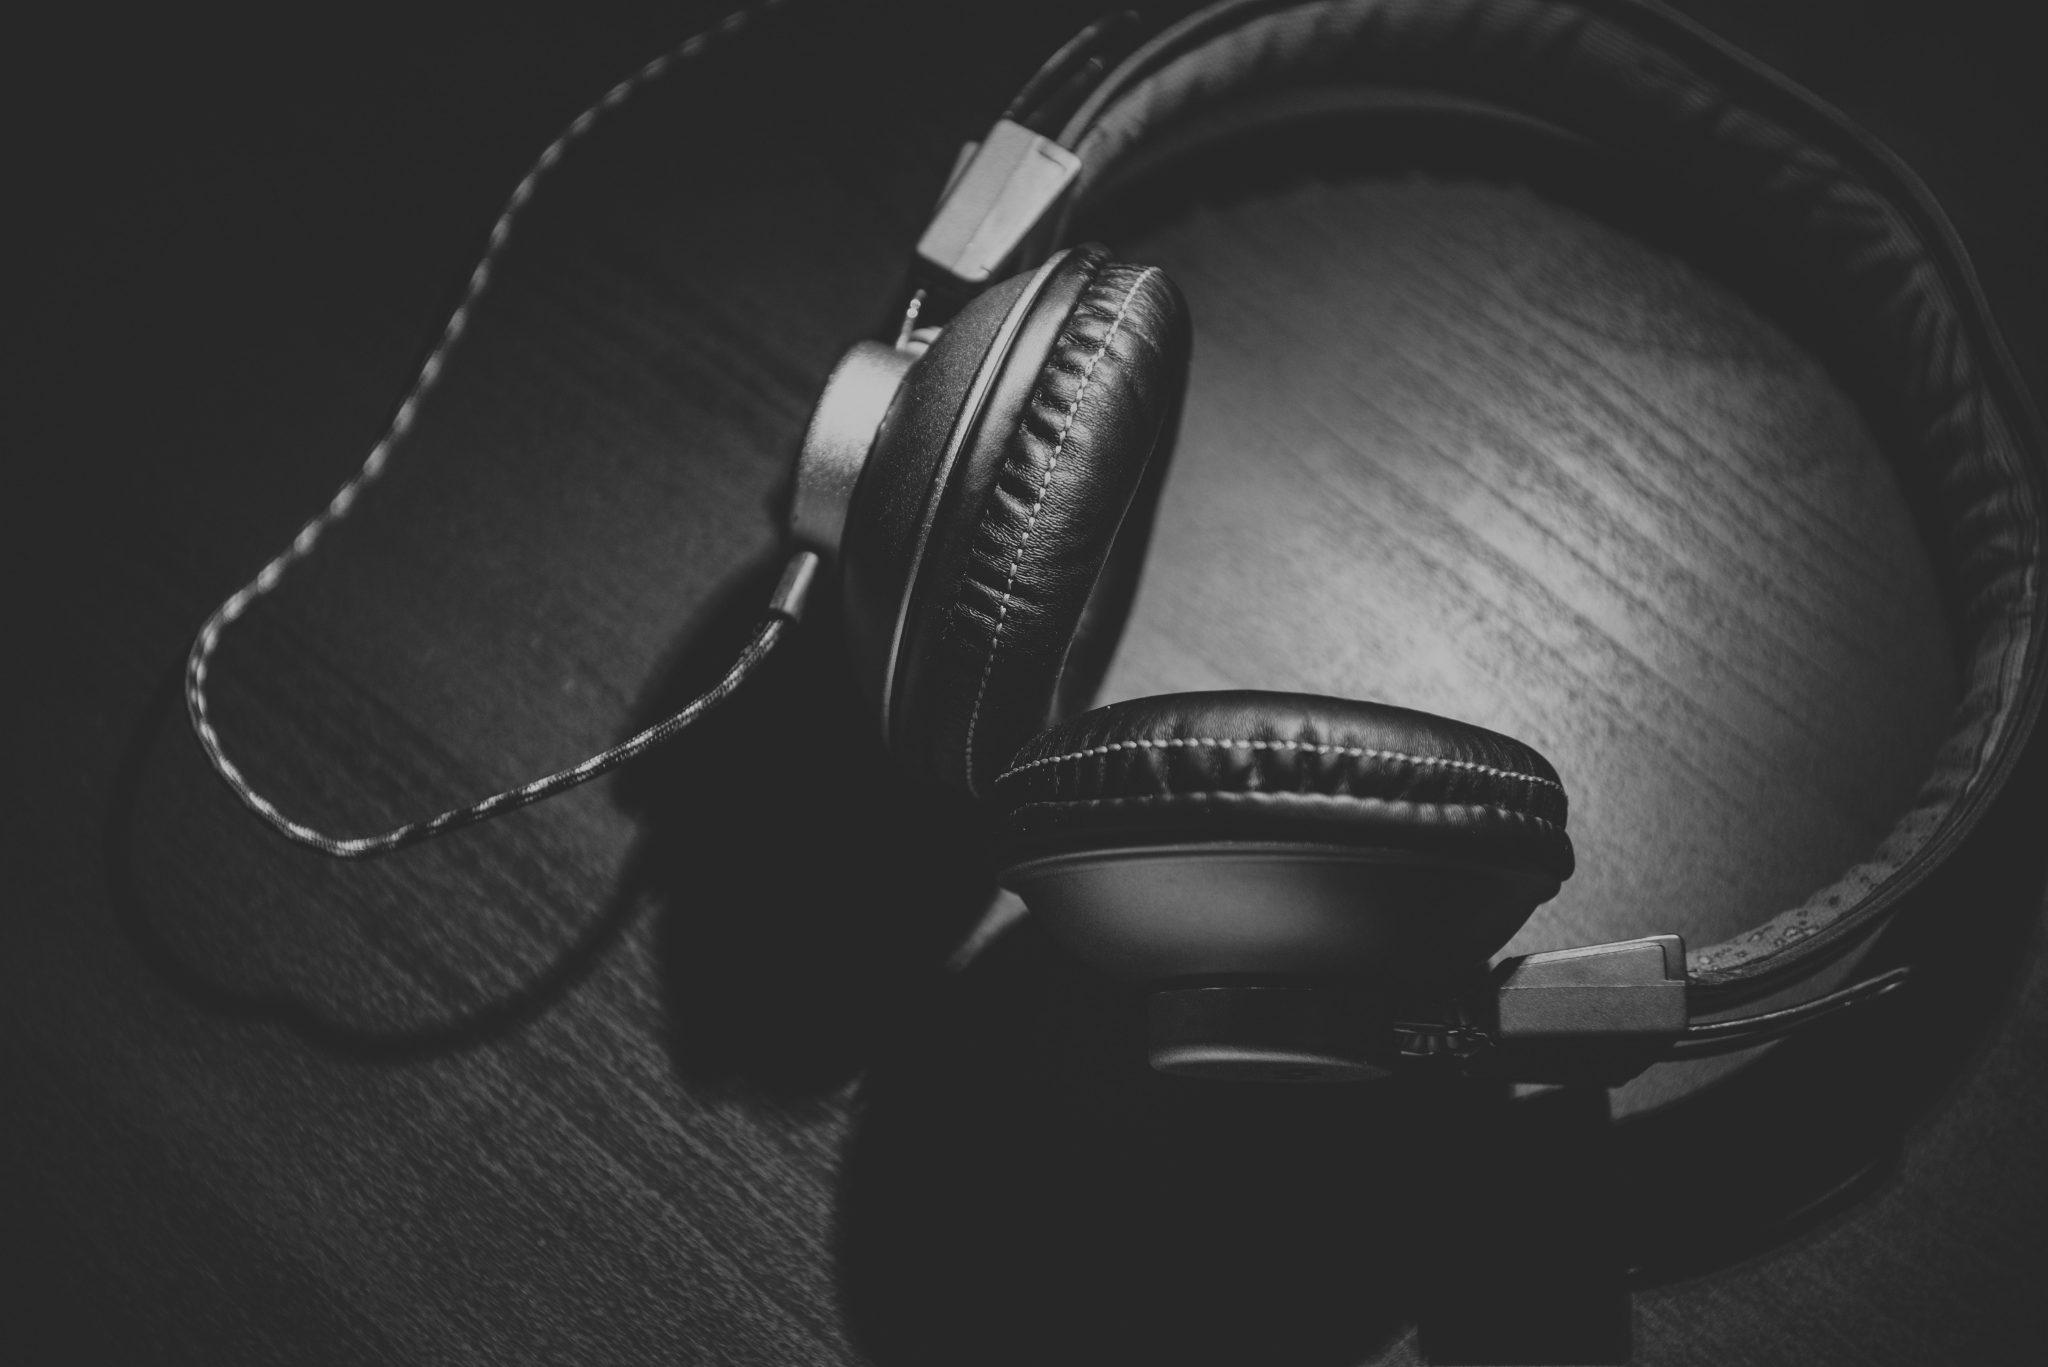 Podsłuchiwanie - legalne czy nie?